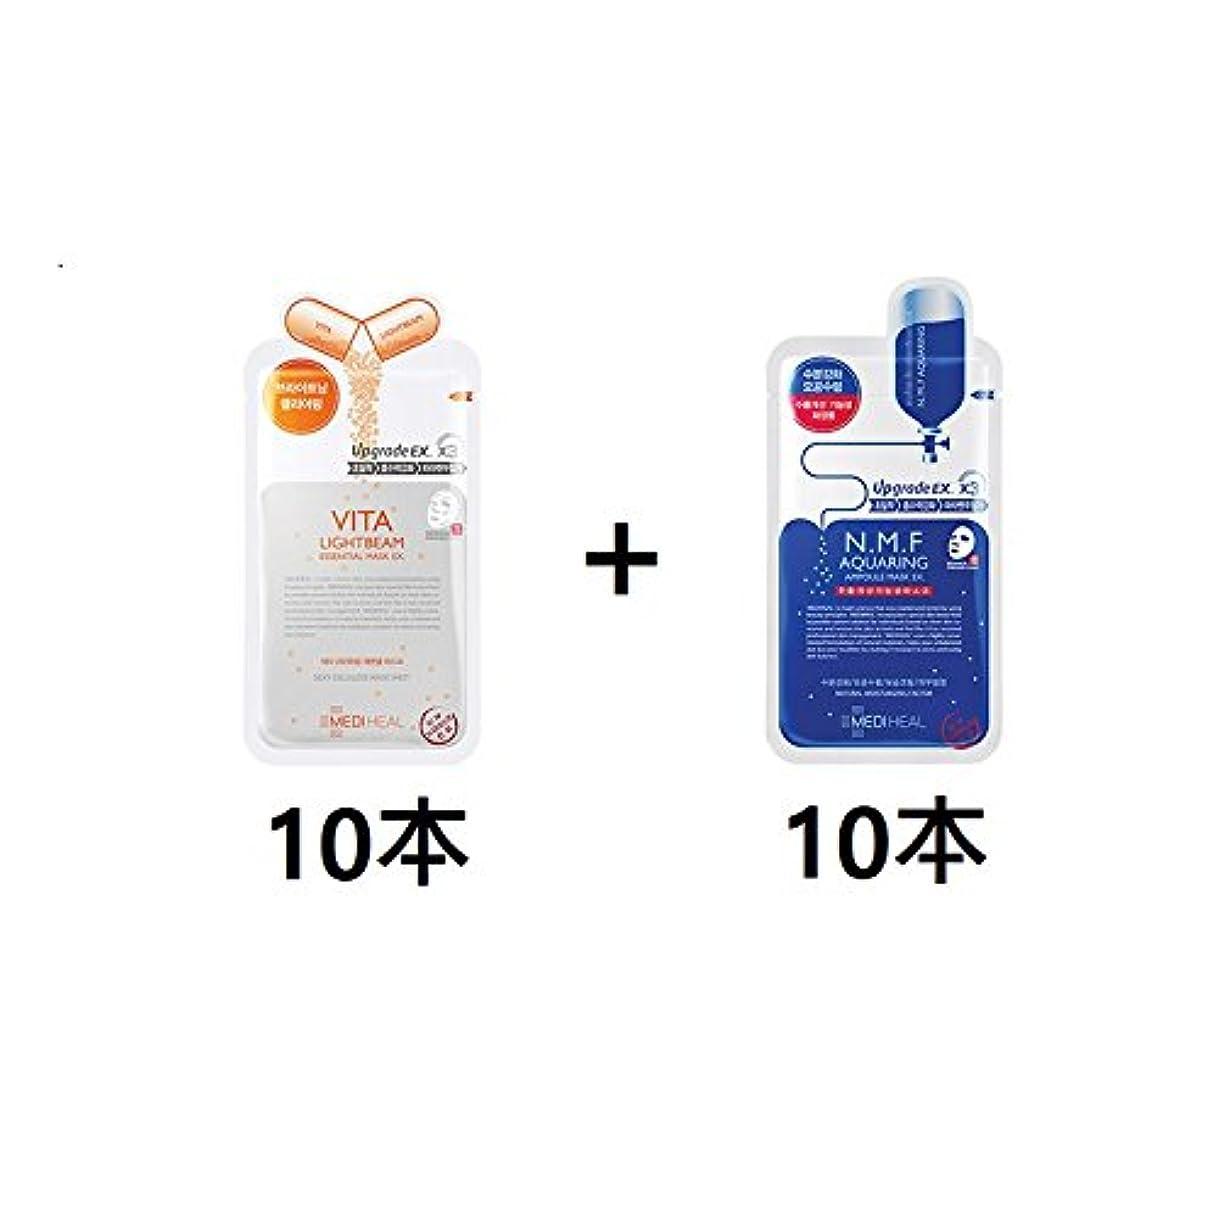 統治可能食べる密度[10+10] [メディヒール] Mediheal [N.M.F アクアリング アンプルマスク EX (10枚)] + [ Vita Lightbeam ビター ライトビーム エッセンシャル マスクパック EX (10枚)] (海外直送品)